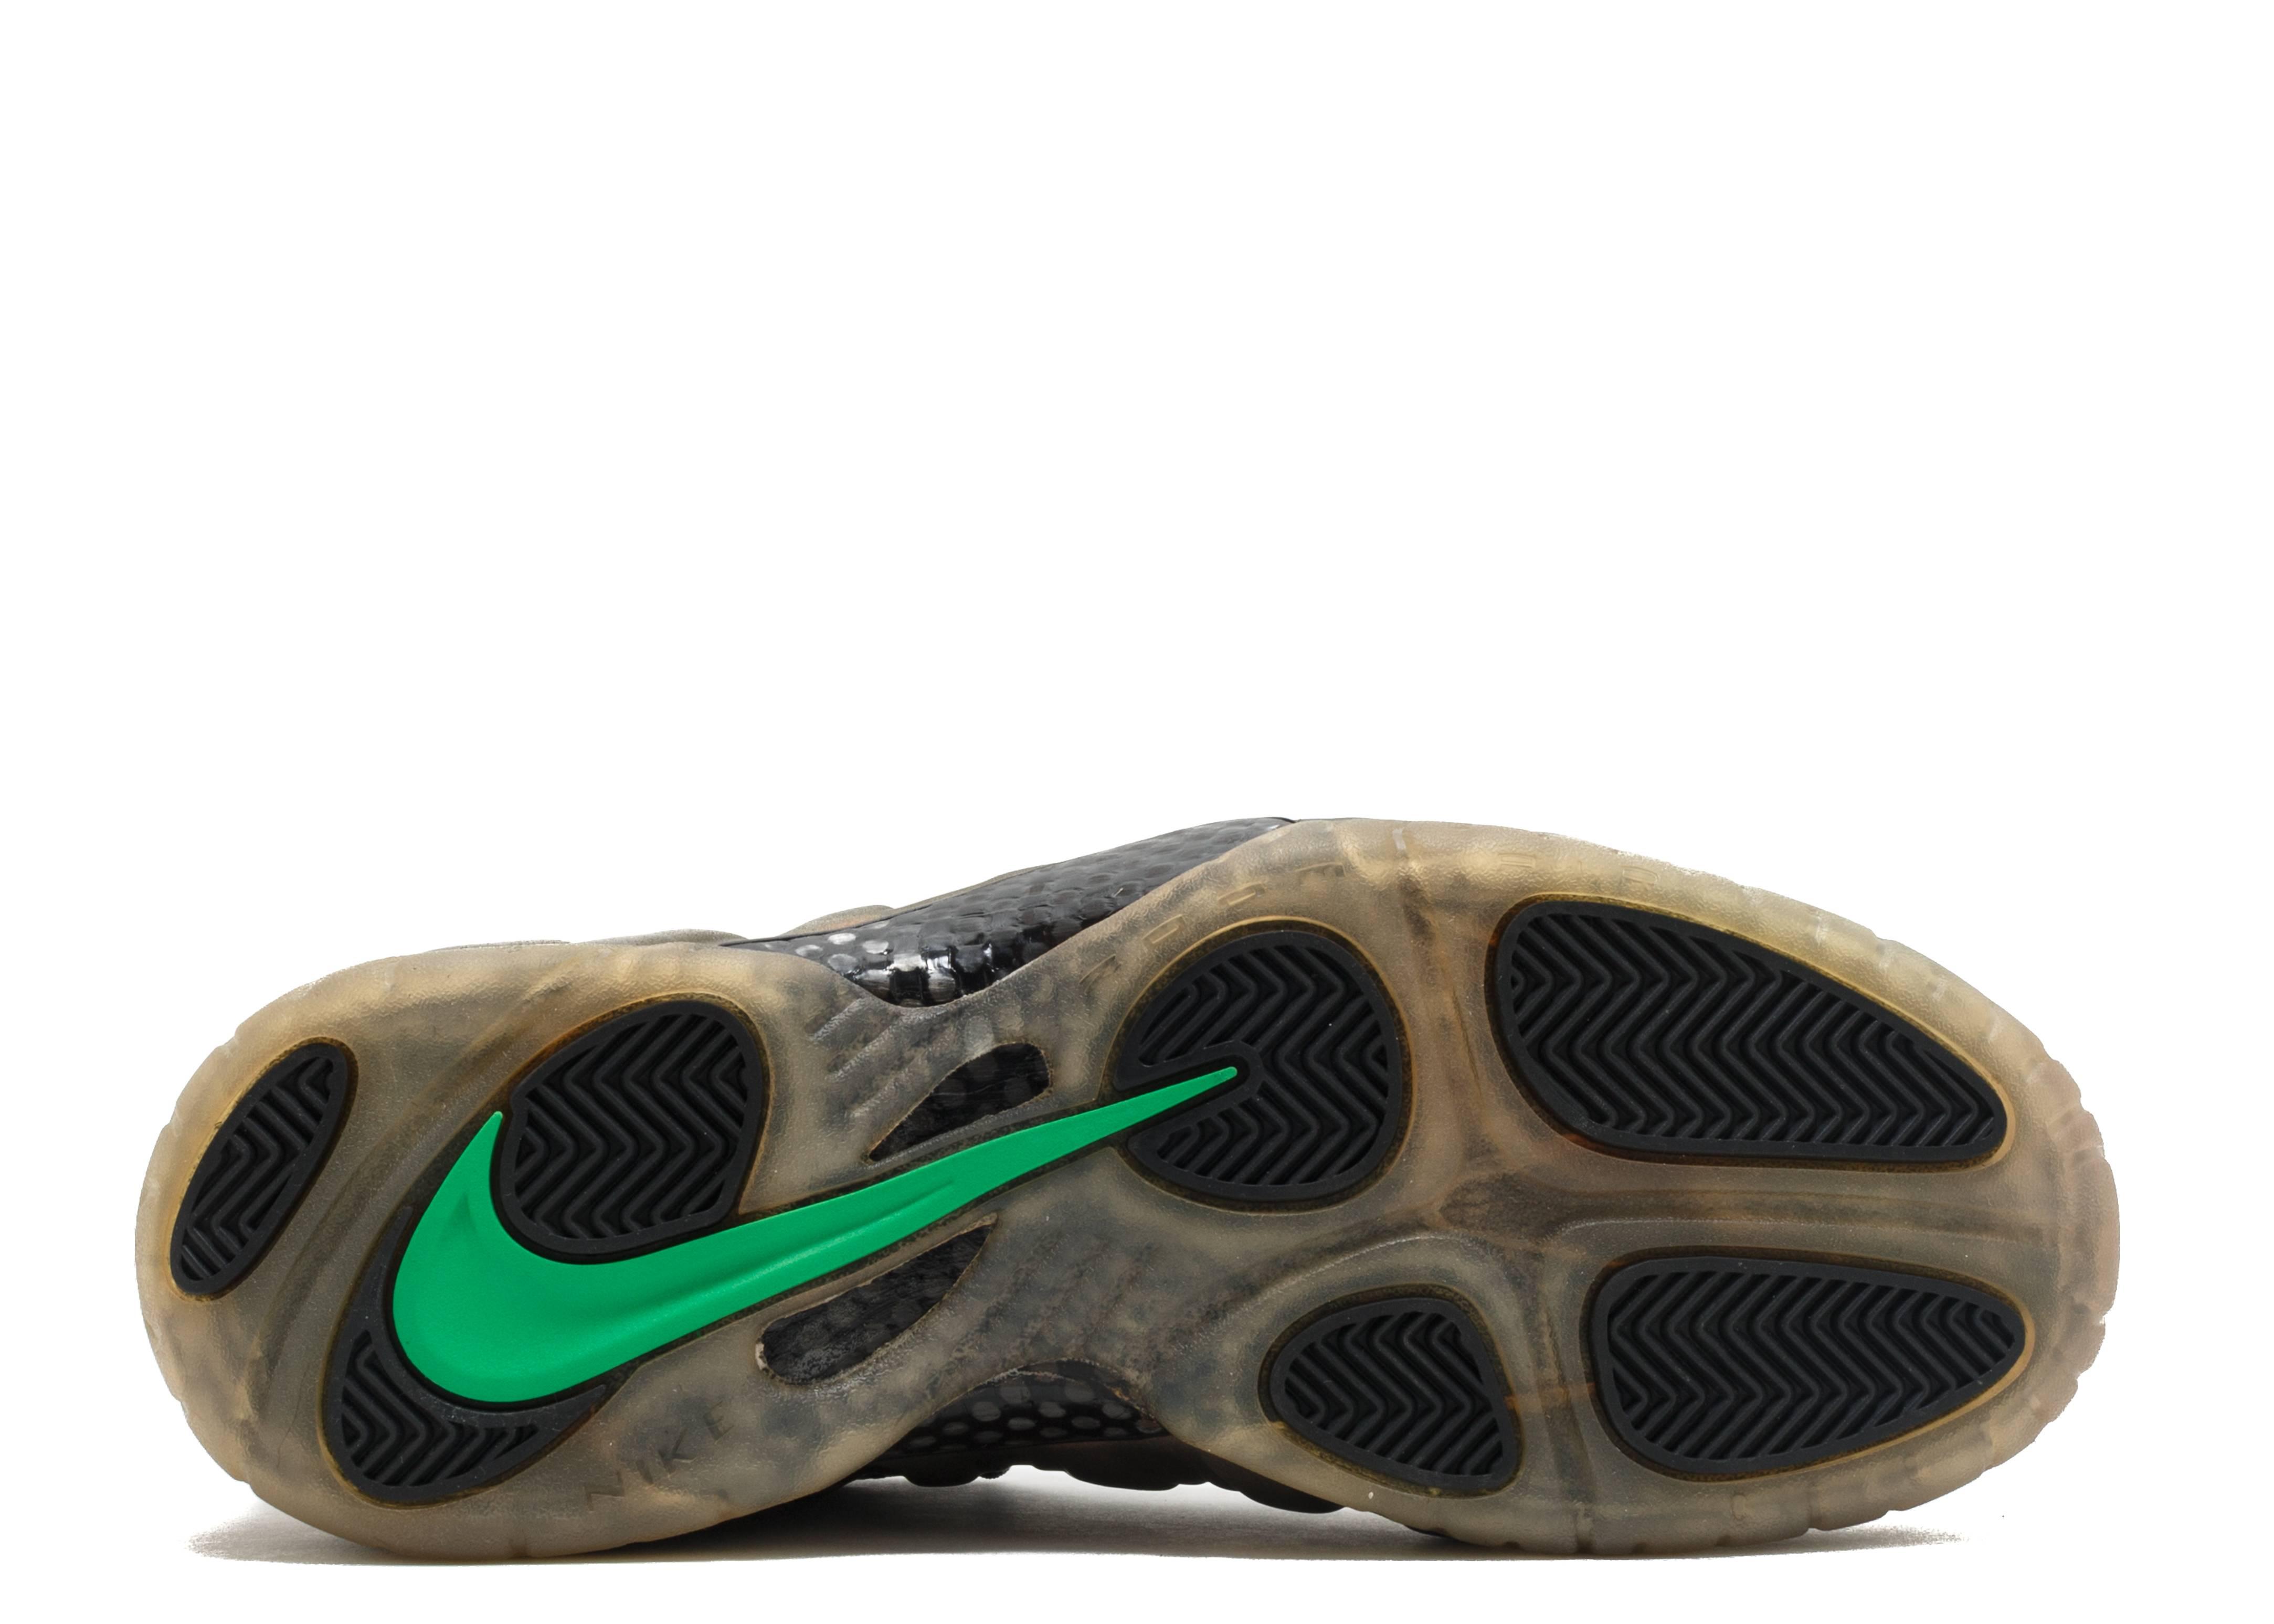 Nike Foamposite Gym Green